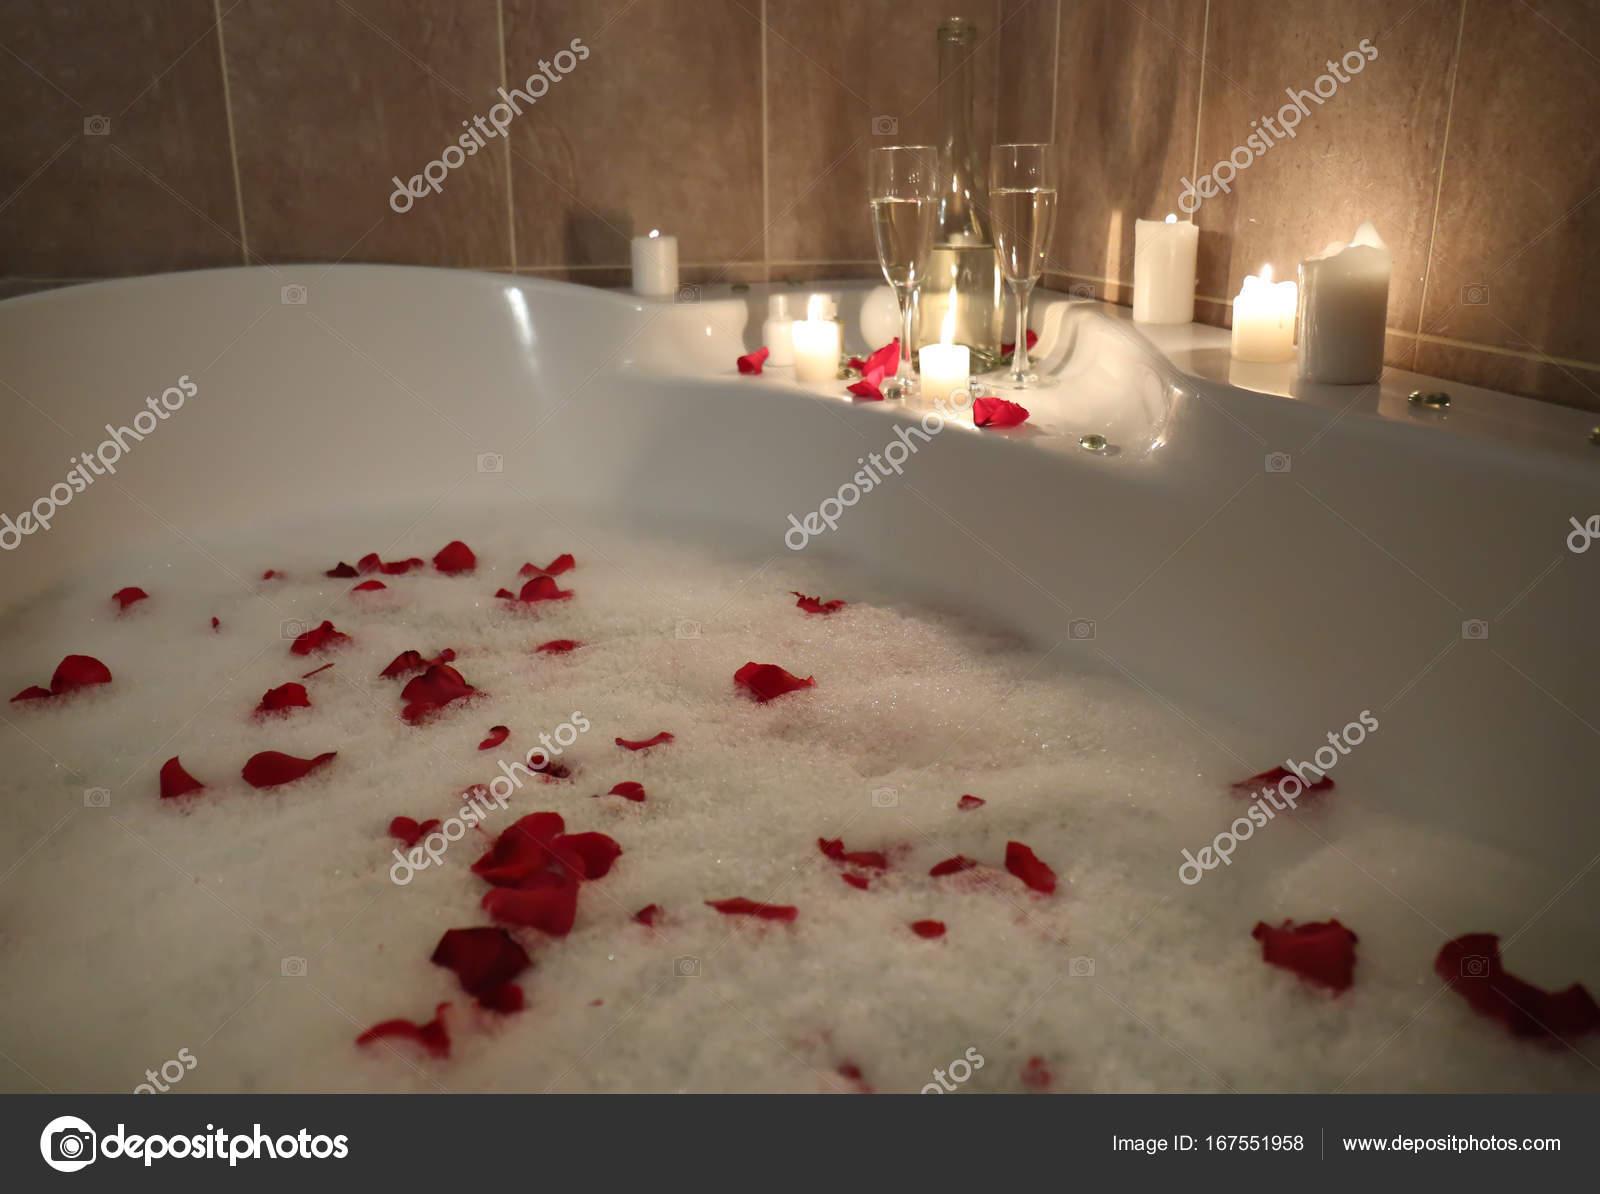 Vasca Da Bagno Rosa : Vasca da bagno riempita con schiuma e petali di rosa u foto stock